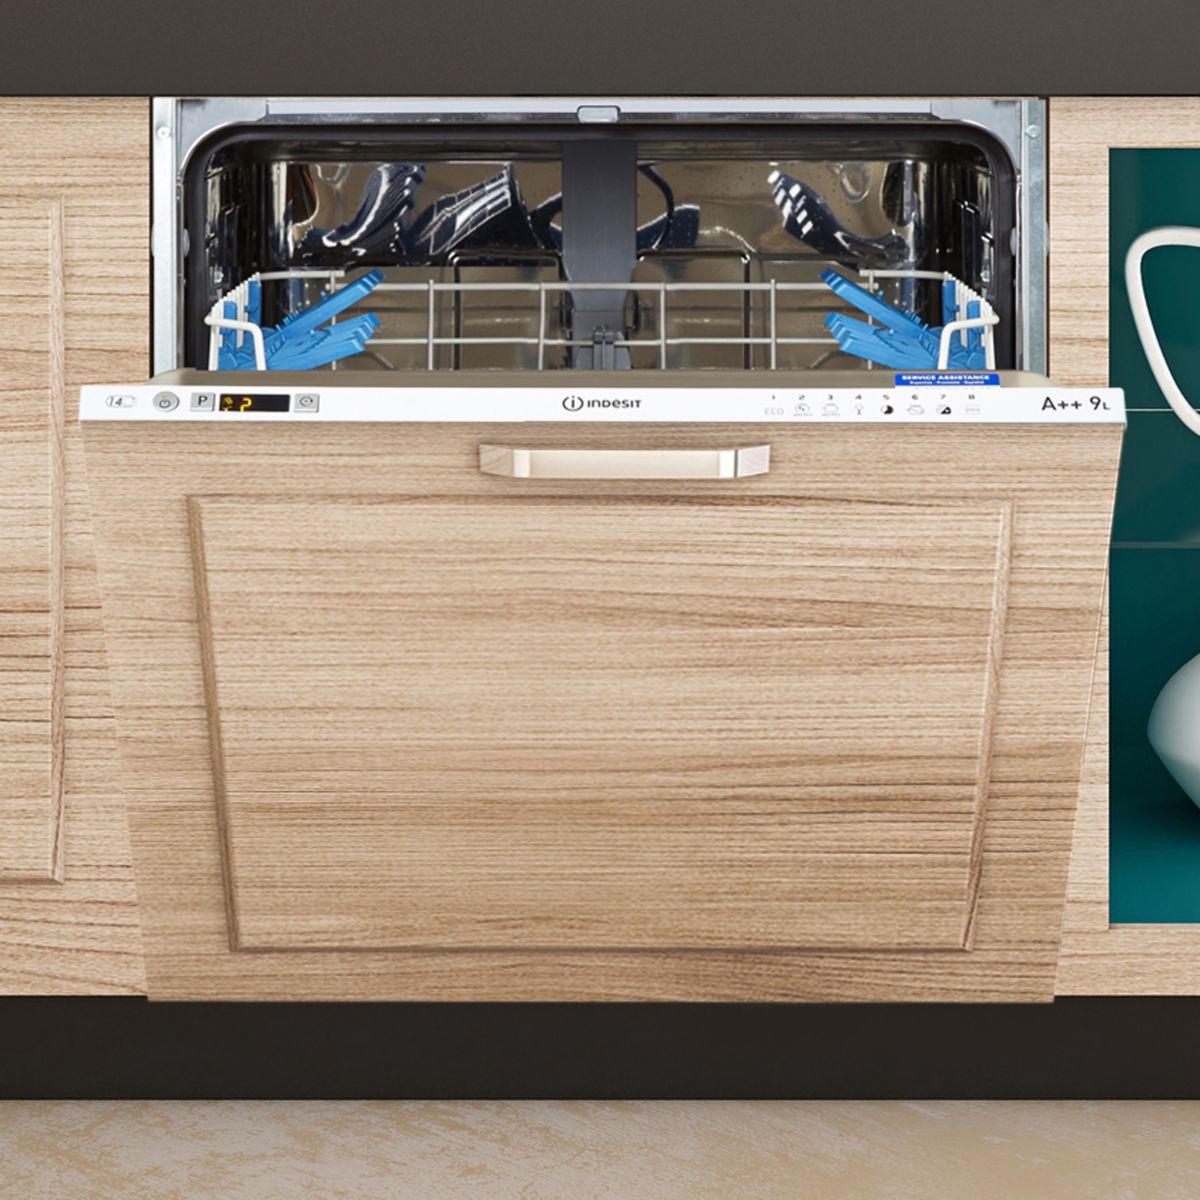 Lave vaisselle tout intégrable 60 INDESIT DIFP66B+9 EU